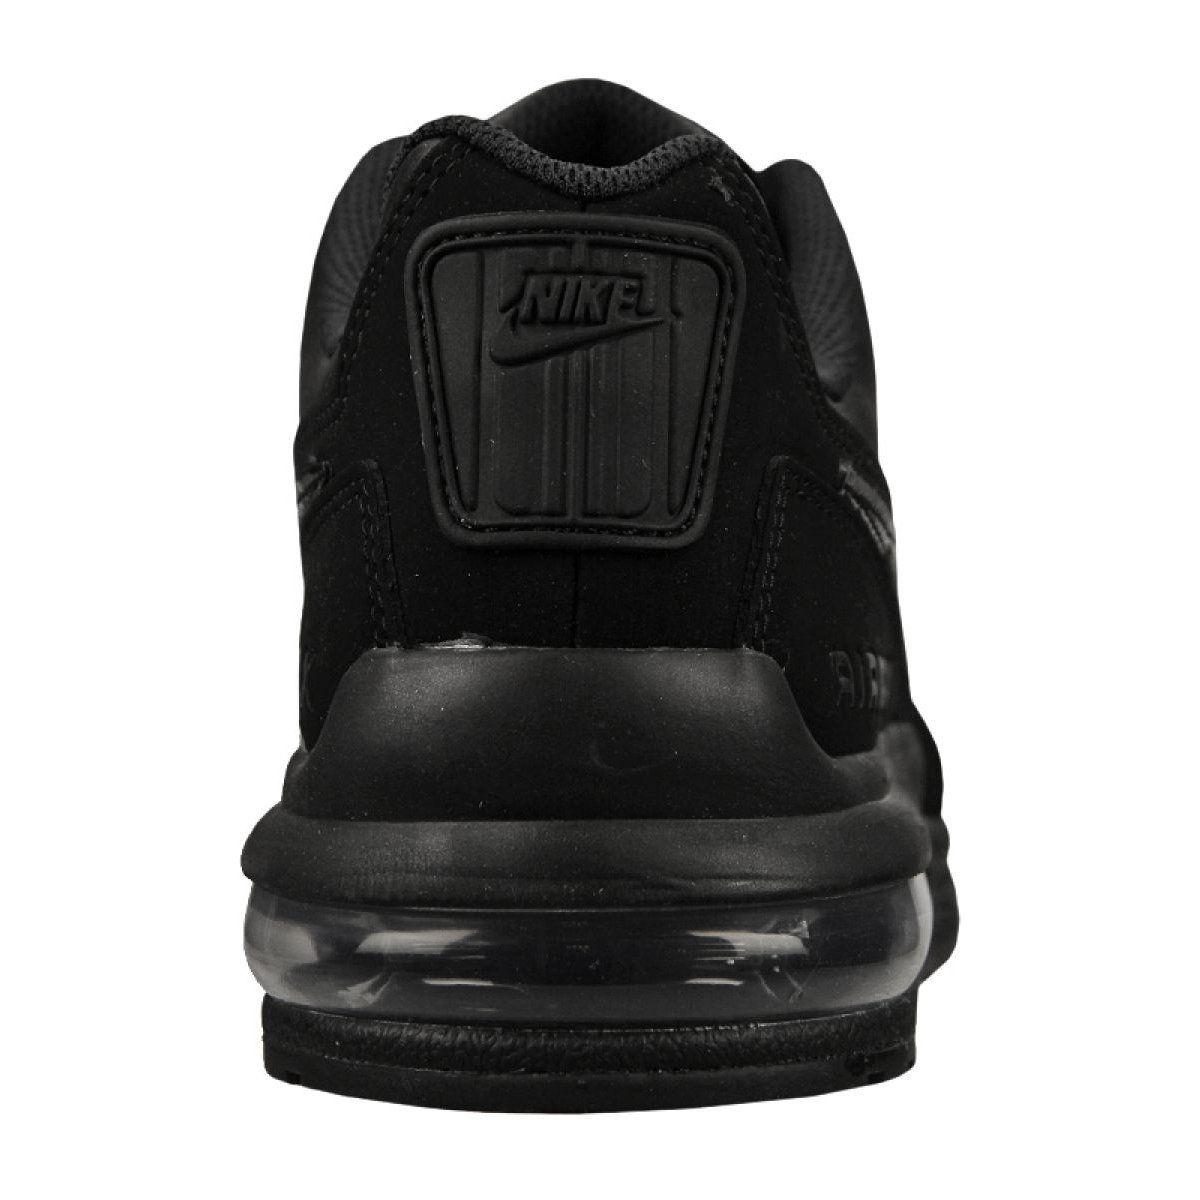 Buty Nike Air Max Ltd 3 M 687977 020 Czarne Nike Air Max Ltd Nike Air Max Nike Air